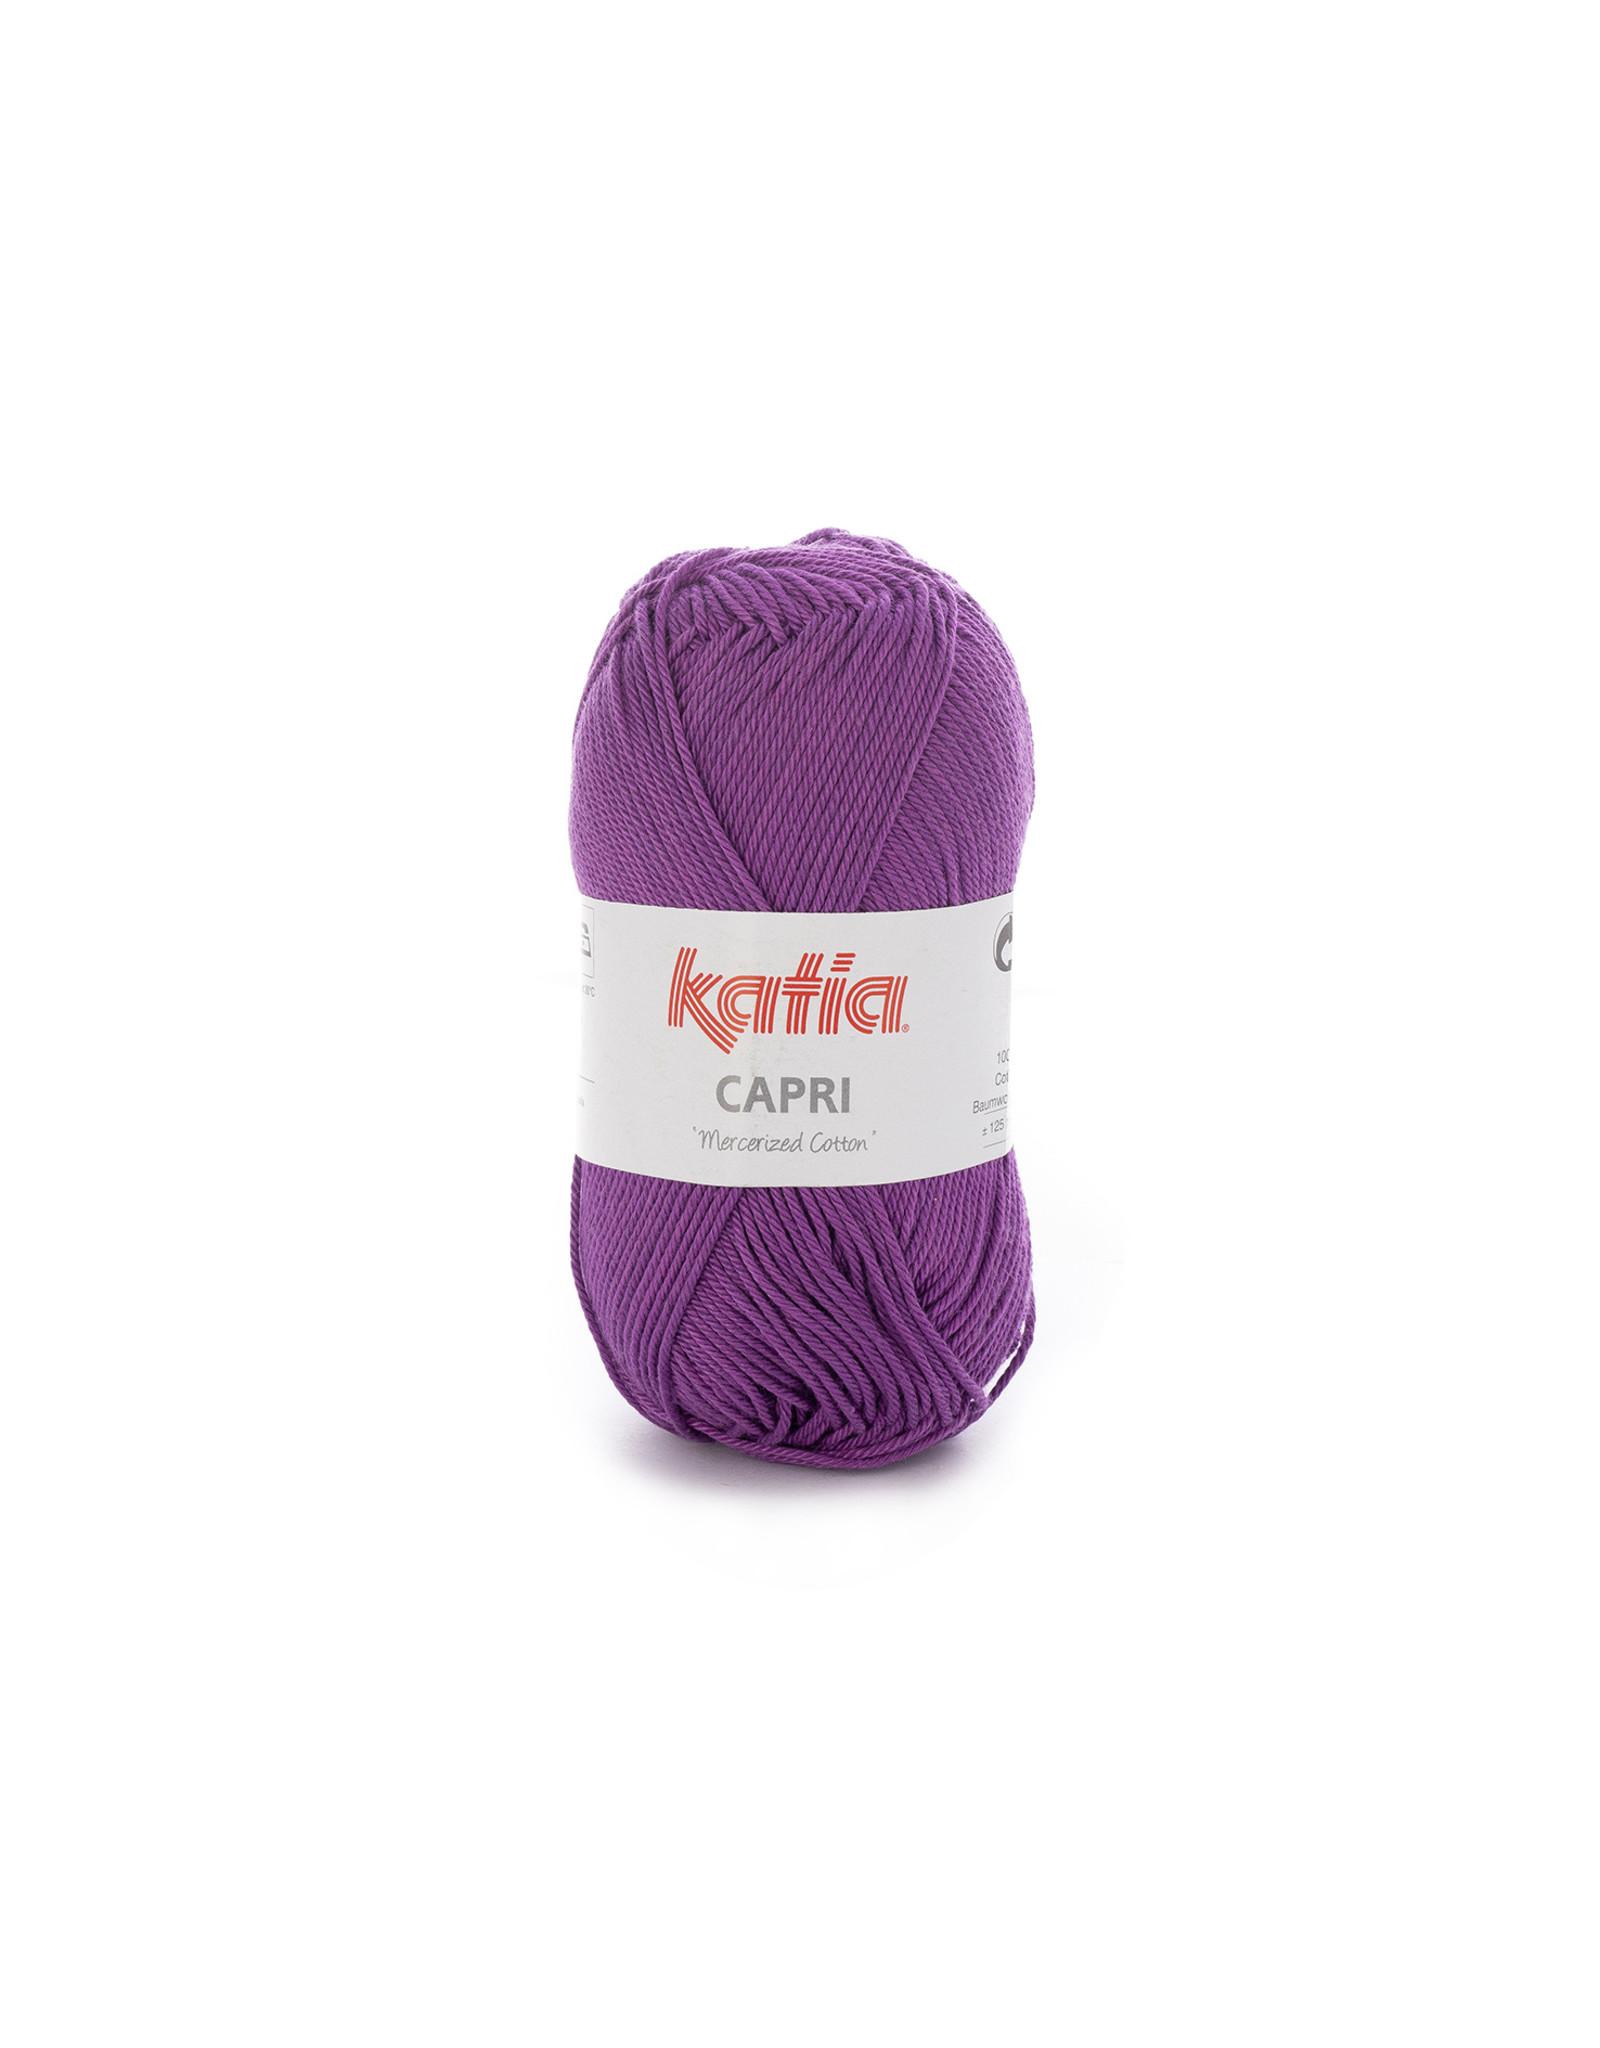 Katia Katia Capri - kleur 158 Paars - 50 gr. = 125 m. - 100% katoen